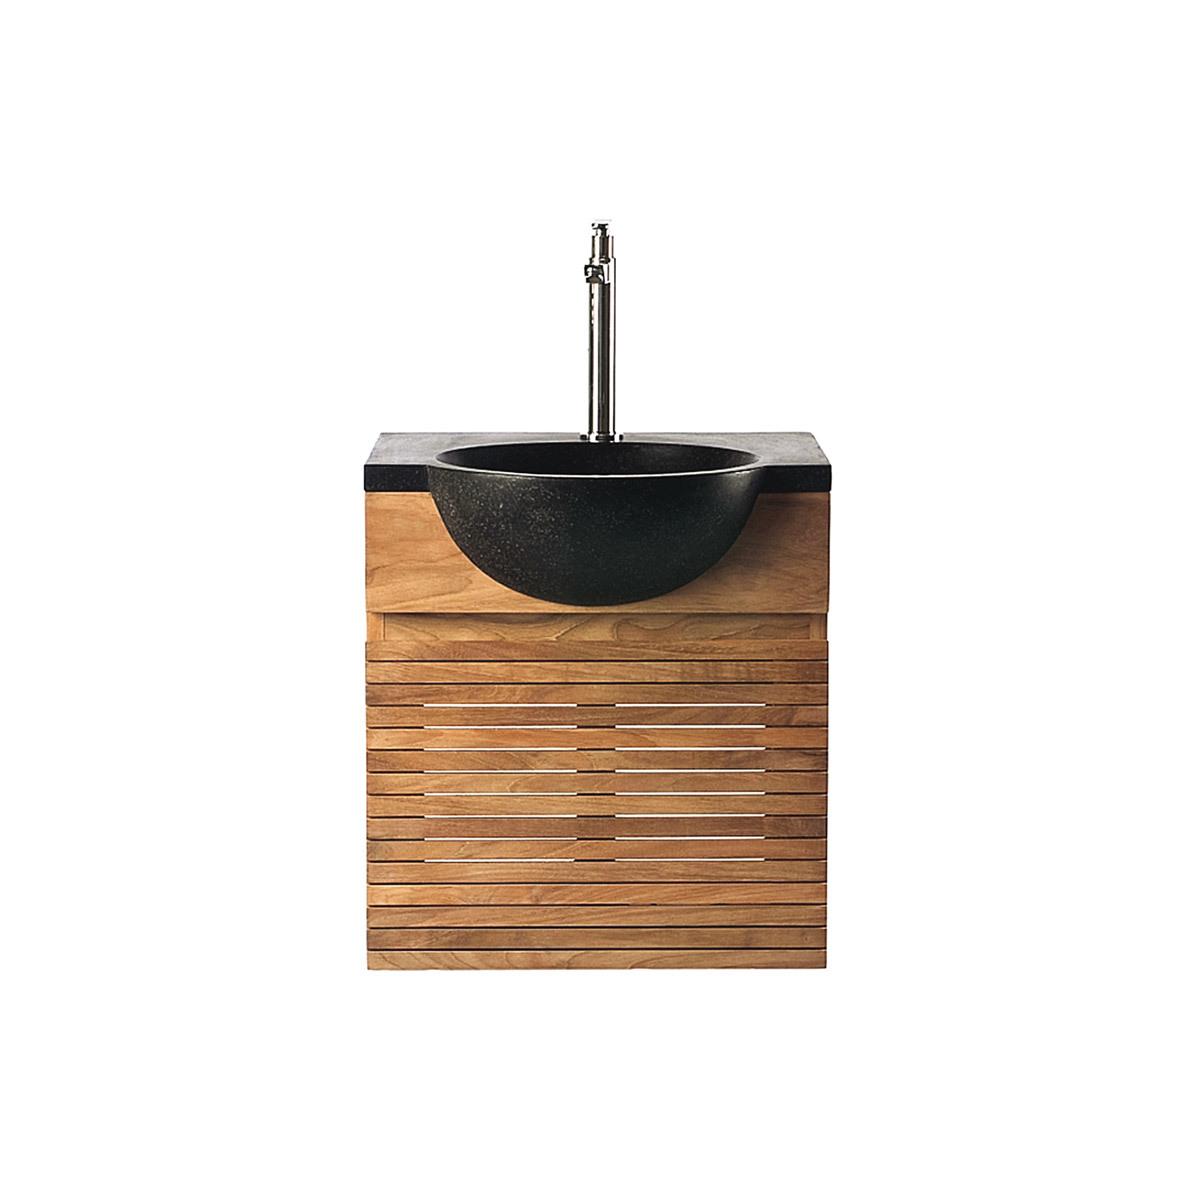 Mobile da bagno : mobile sottovasca teck e vasca terazzo ISAK